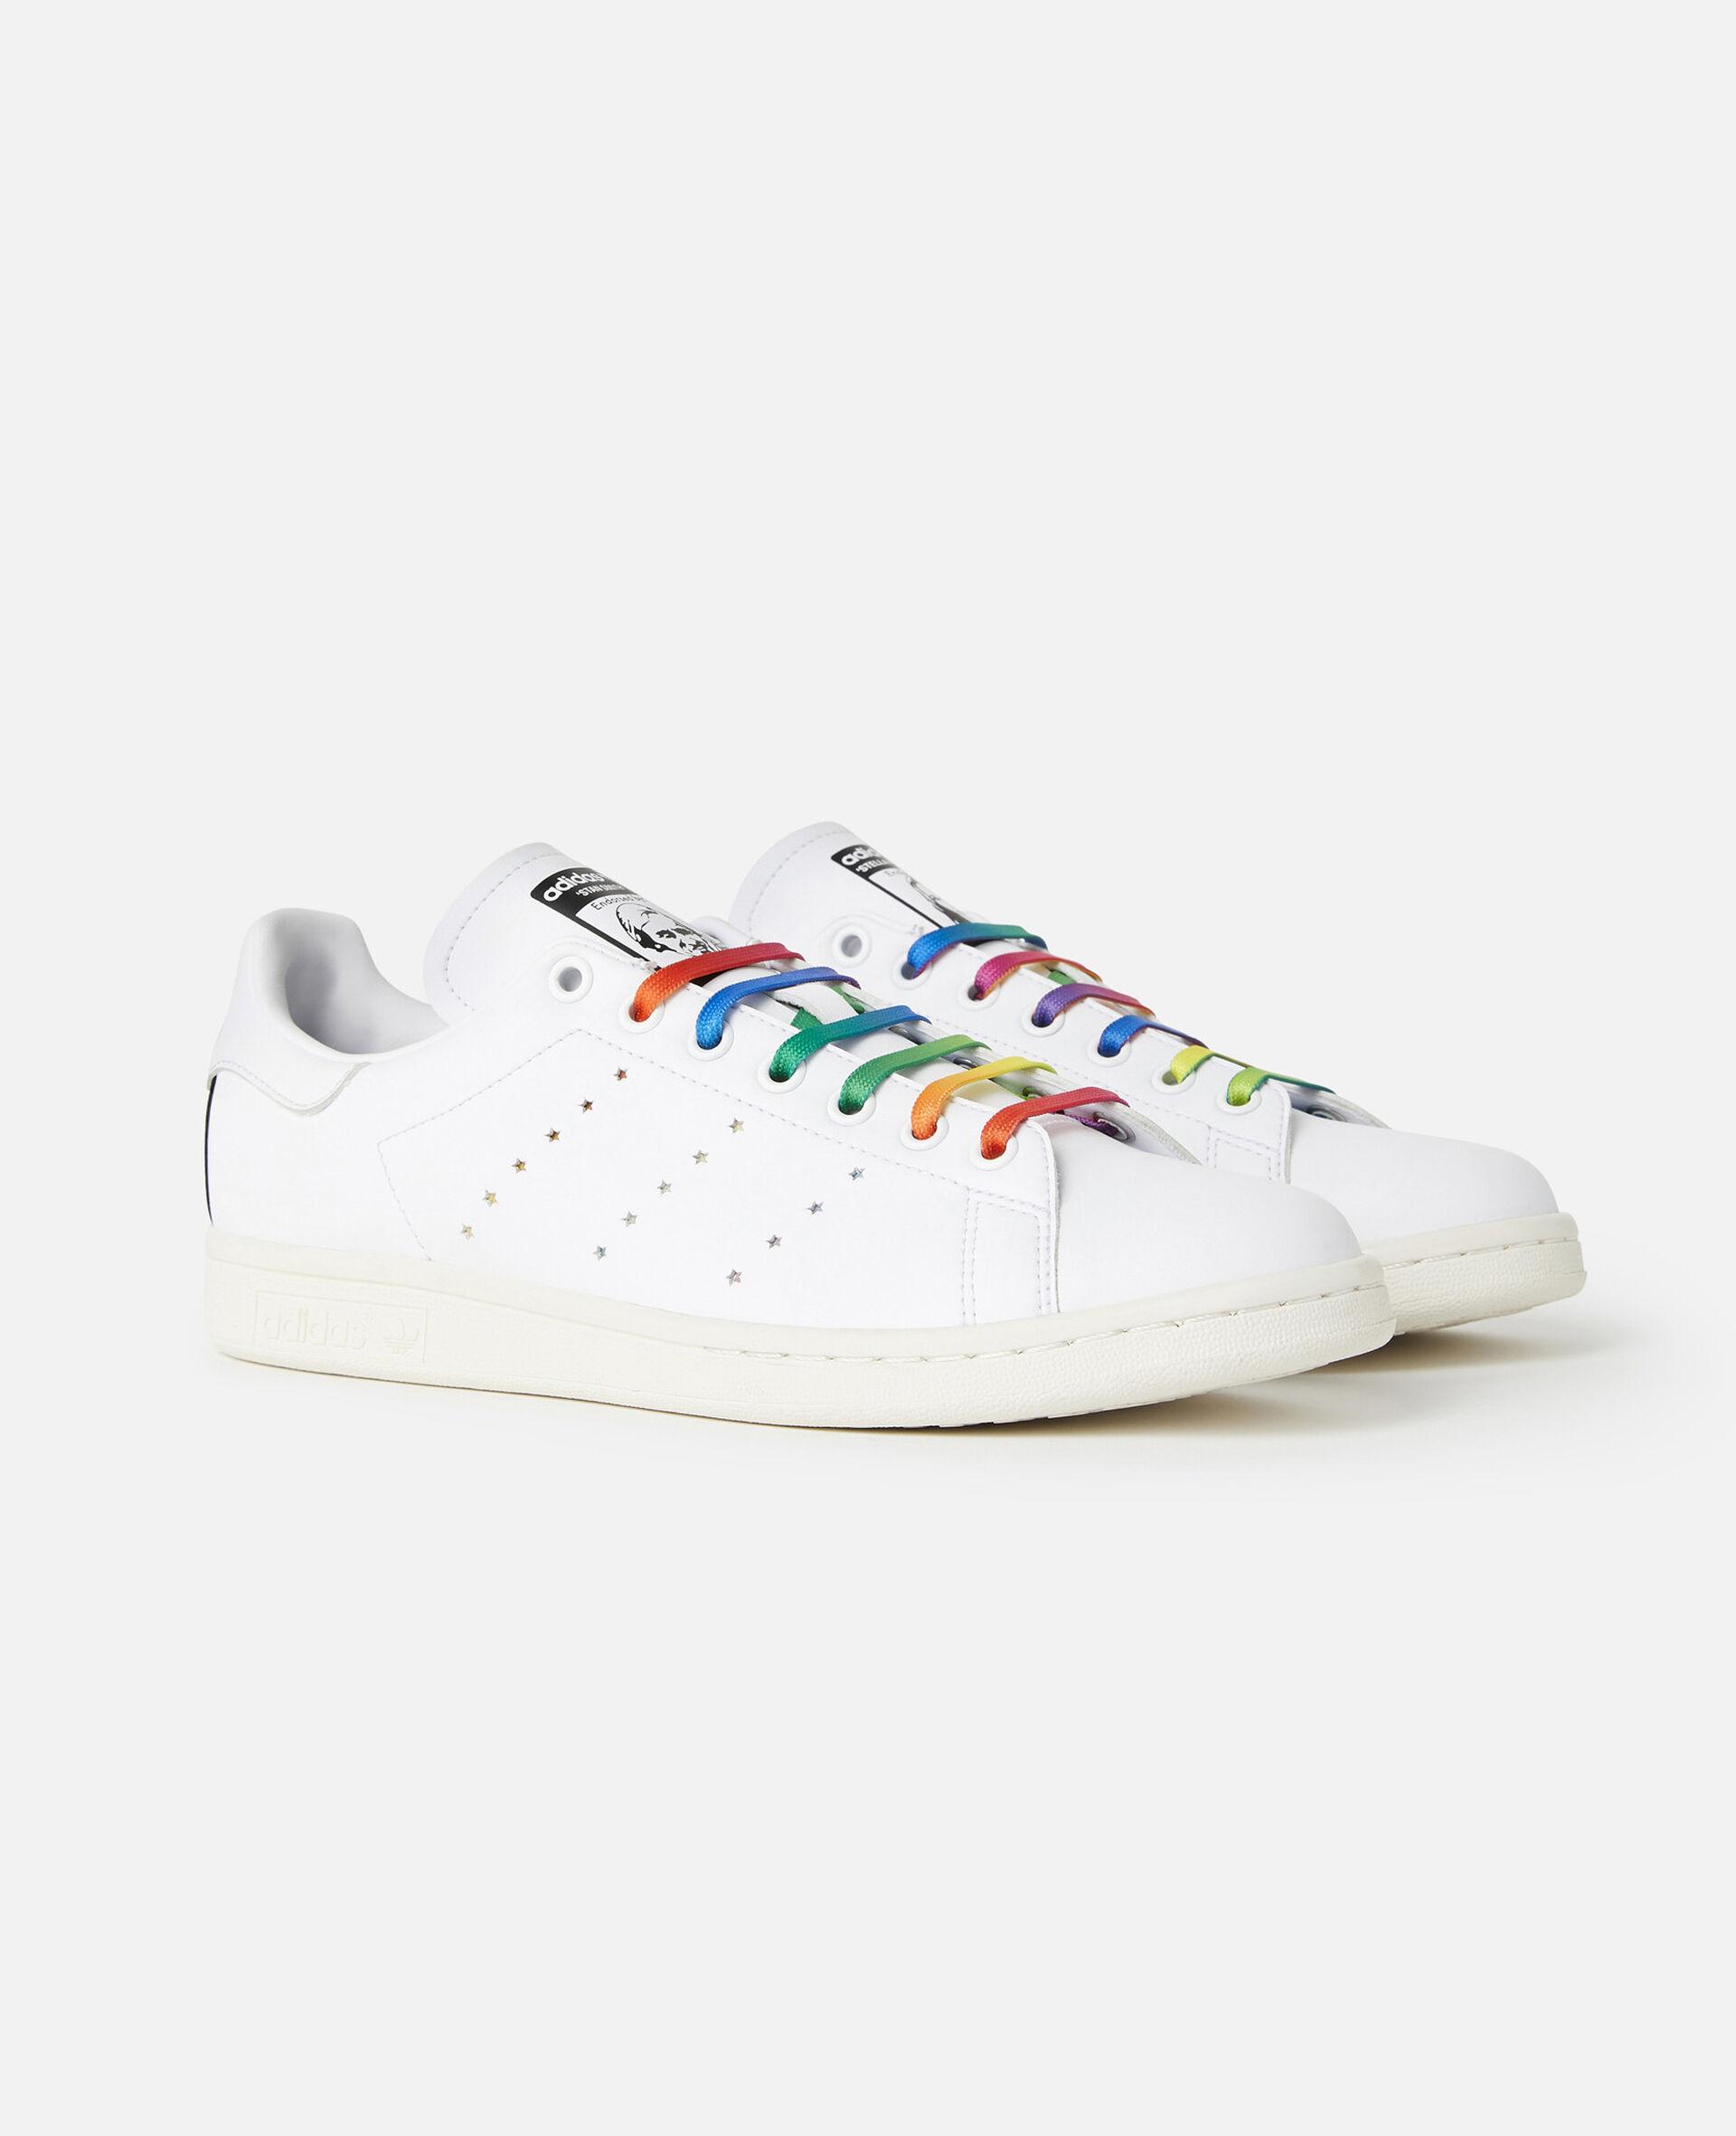 メンズ ステラ #stansmith adidas-ホワイト-large image number 3